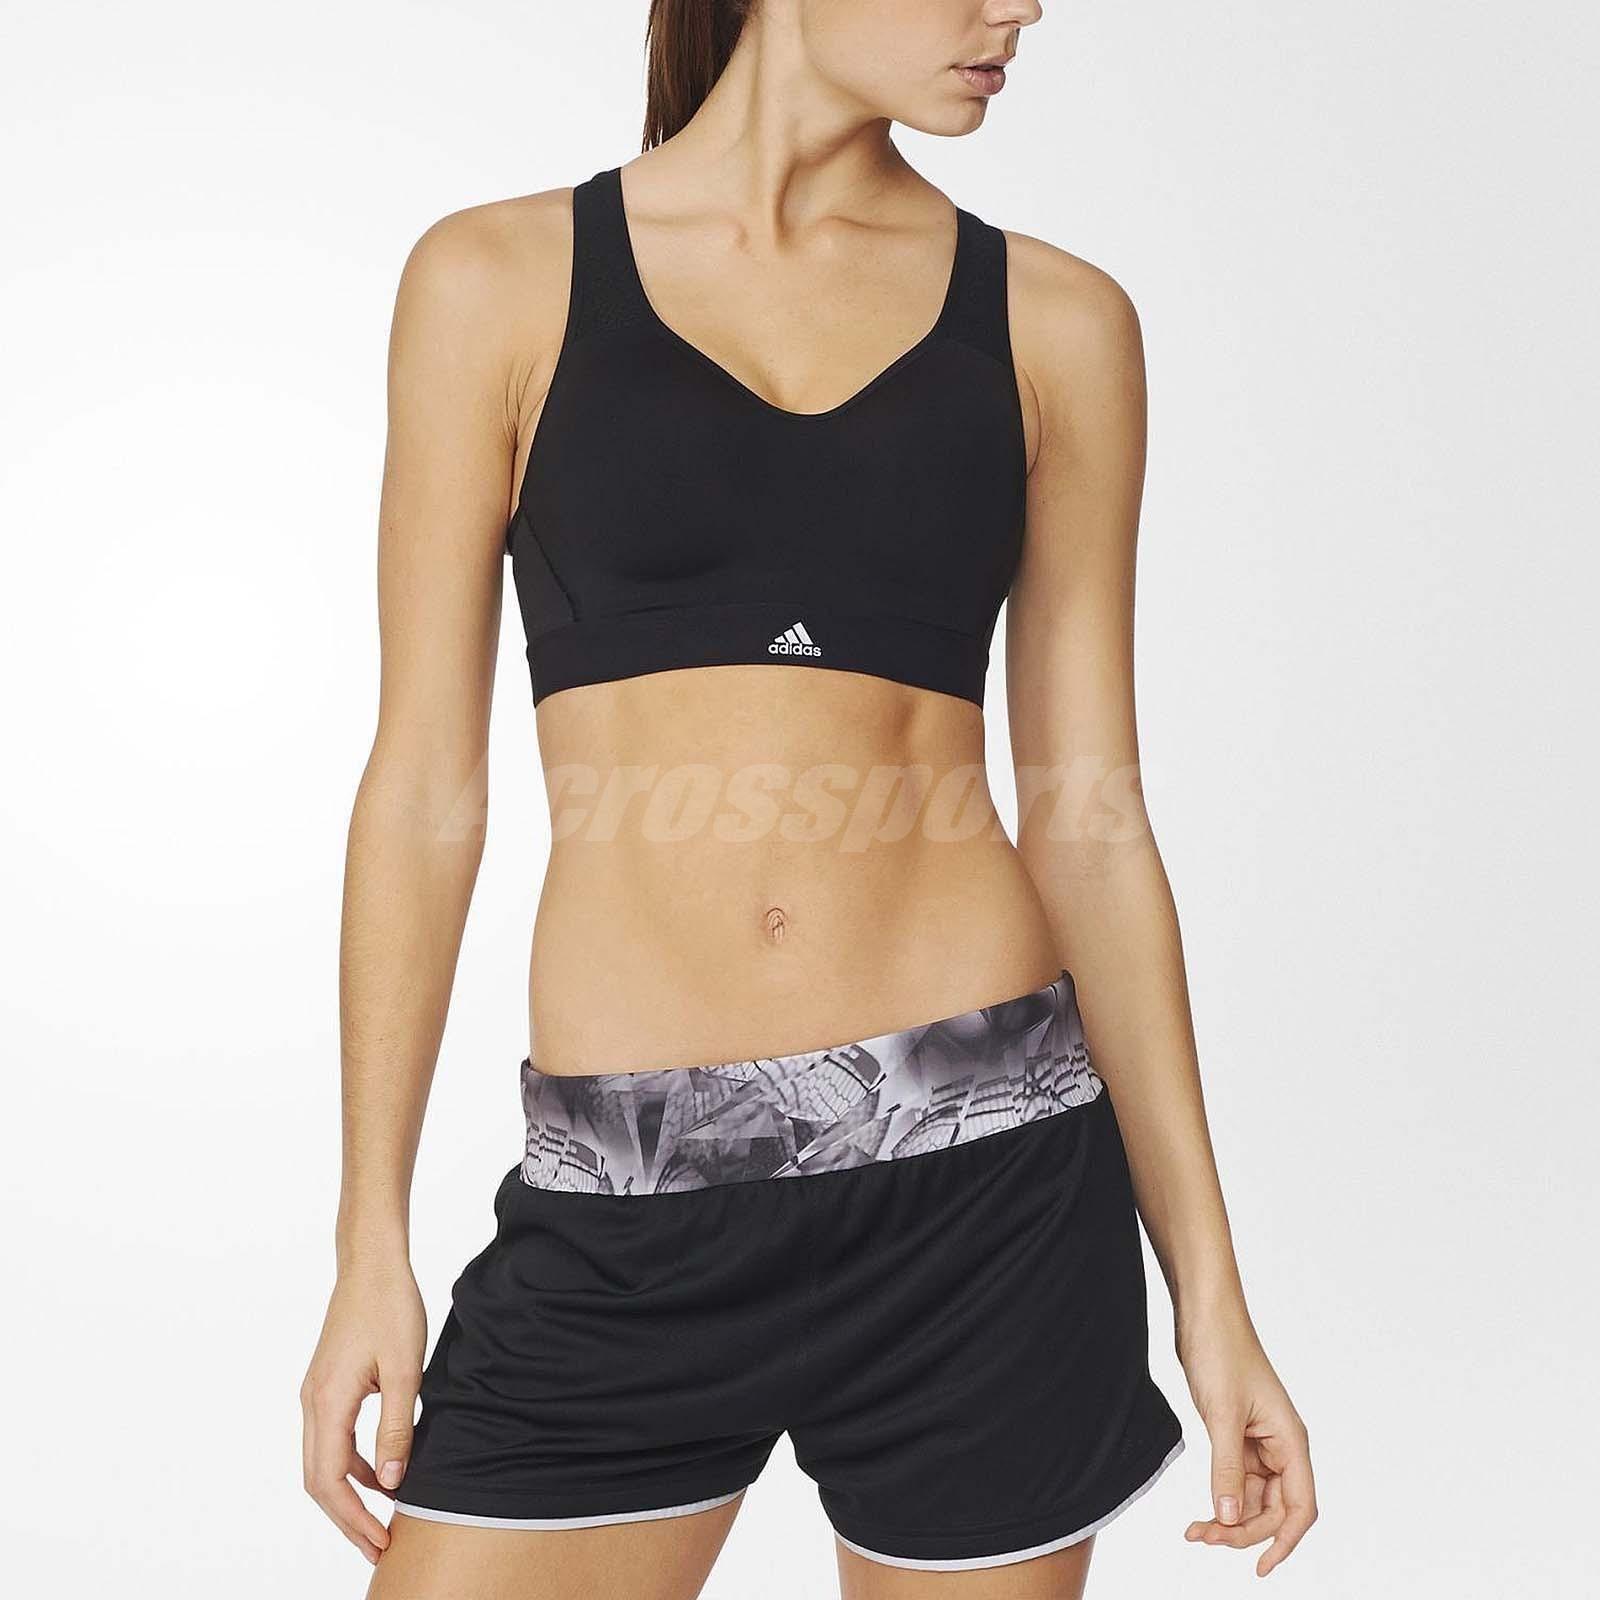 01a2caab8d3a1 Adidas Supernova X Running Bra High Support Fitness Workout Sports Black  Ax5939